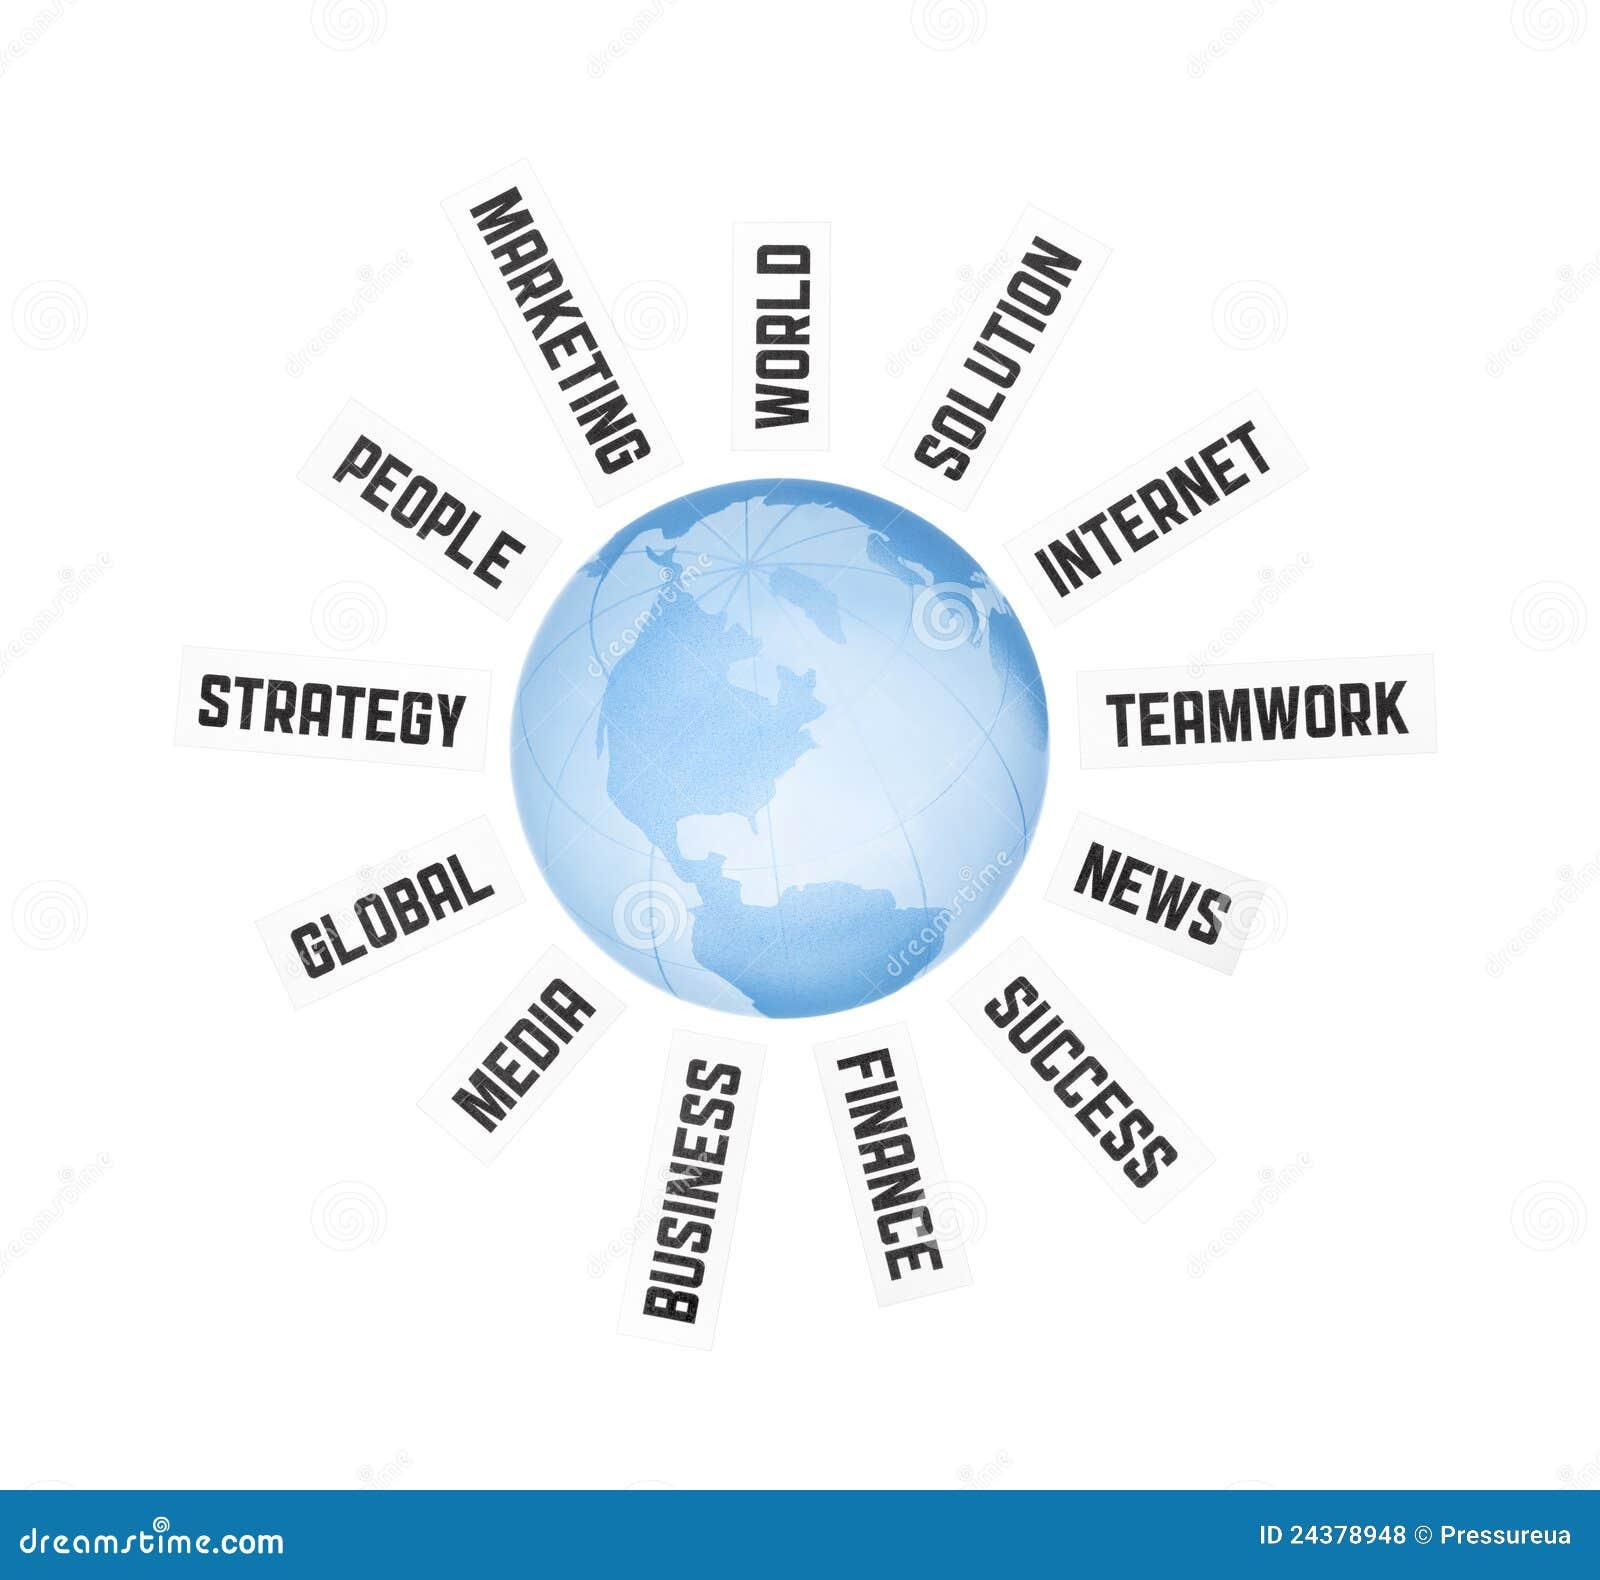 Esl presentation proofreading service us